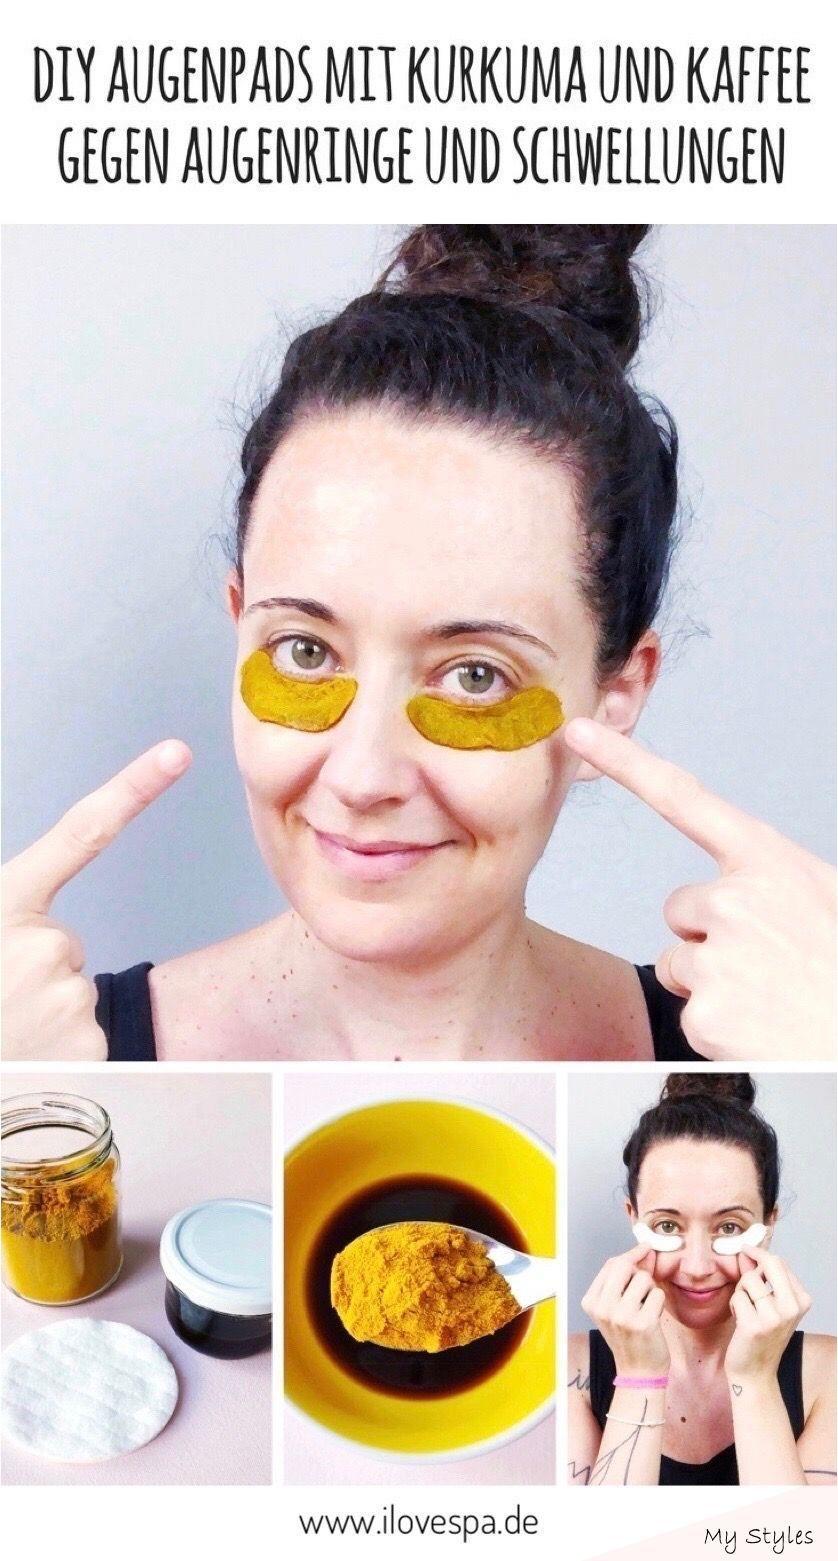 26.08.2018 - Freunde der Entspannung, wenn ihr die Kaffee Augenmaske und die Kurkuma Gesichtsmaske g...